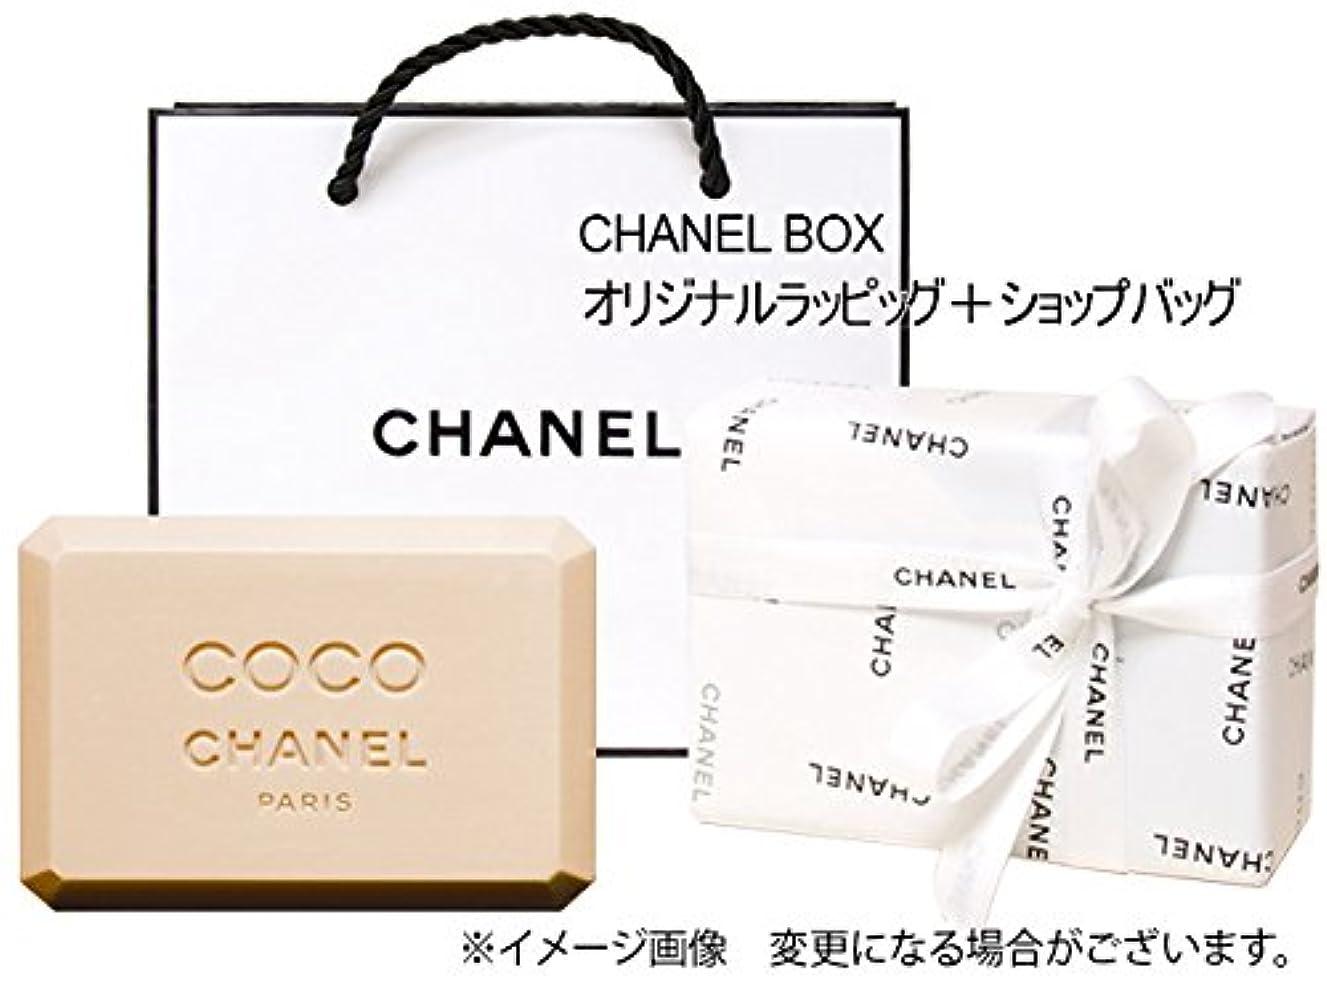 最大の余剰飾るCHANEL(シャネル) COCO SAVON POUR LE BAIN BATH SOAP シャネル ココ サヴォン 150g 女性用石鹸/バスソープ CHANEL BOX オリジナルラッピング+ショップバッグ(並行輸入)